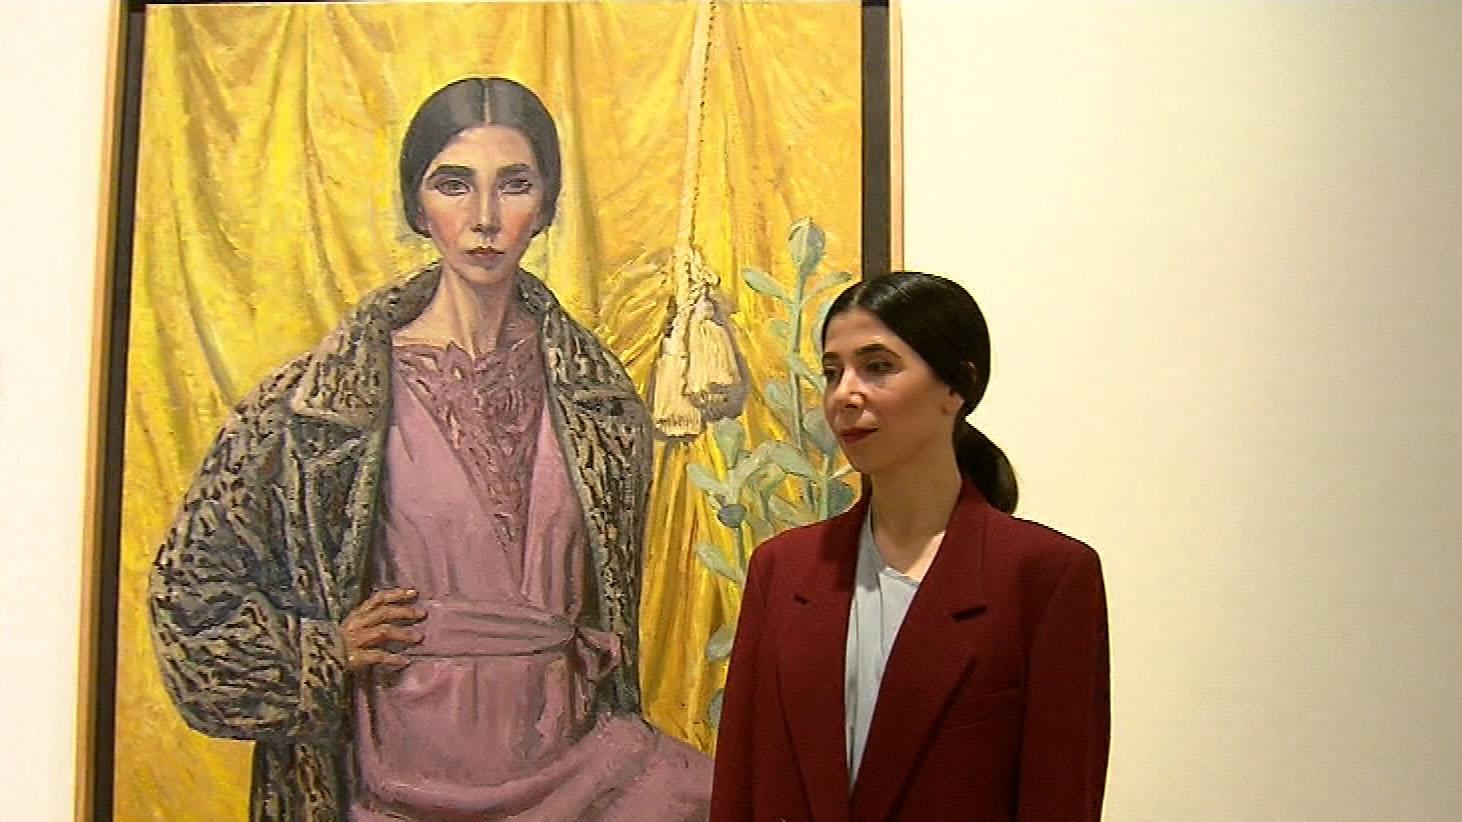 €6m Artwork Found In Elderly Woman's Kitchen